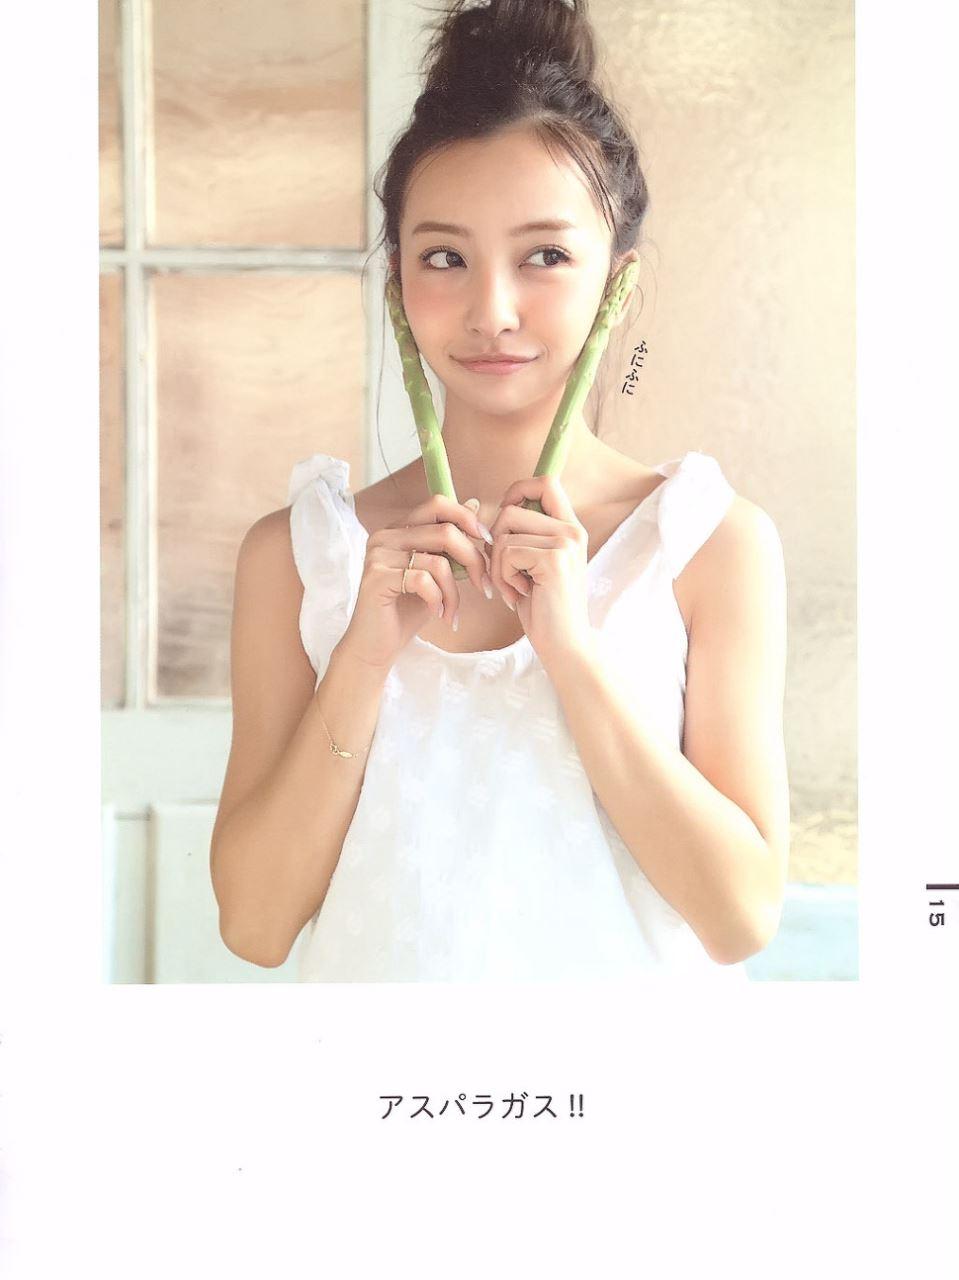 板野友美 すっぴん写真集「Luv U」画像 17